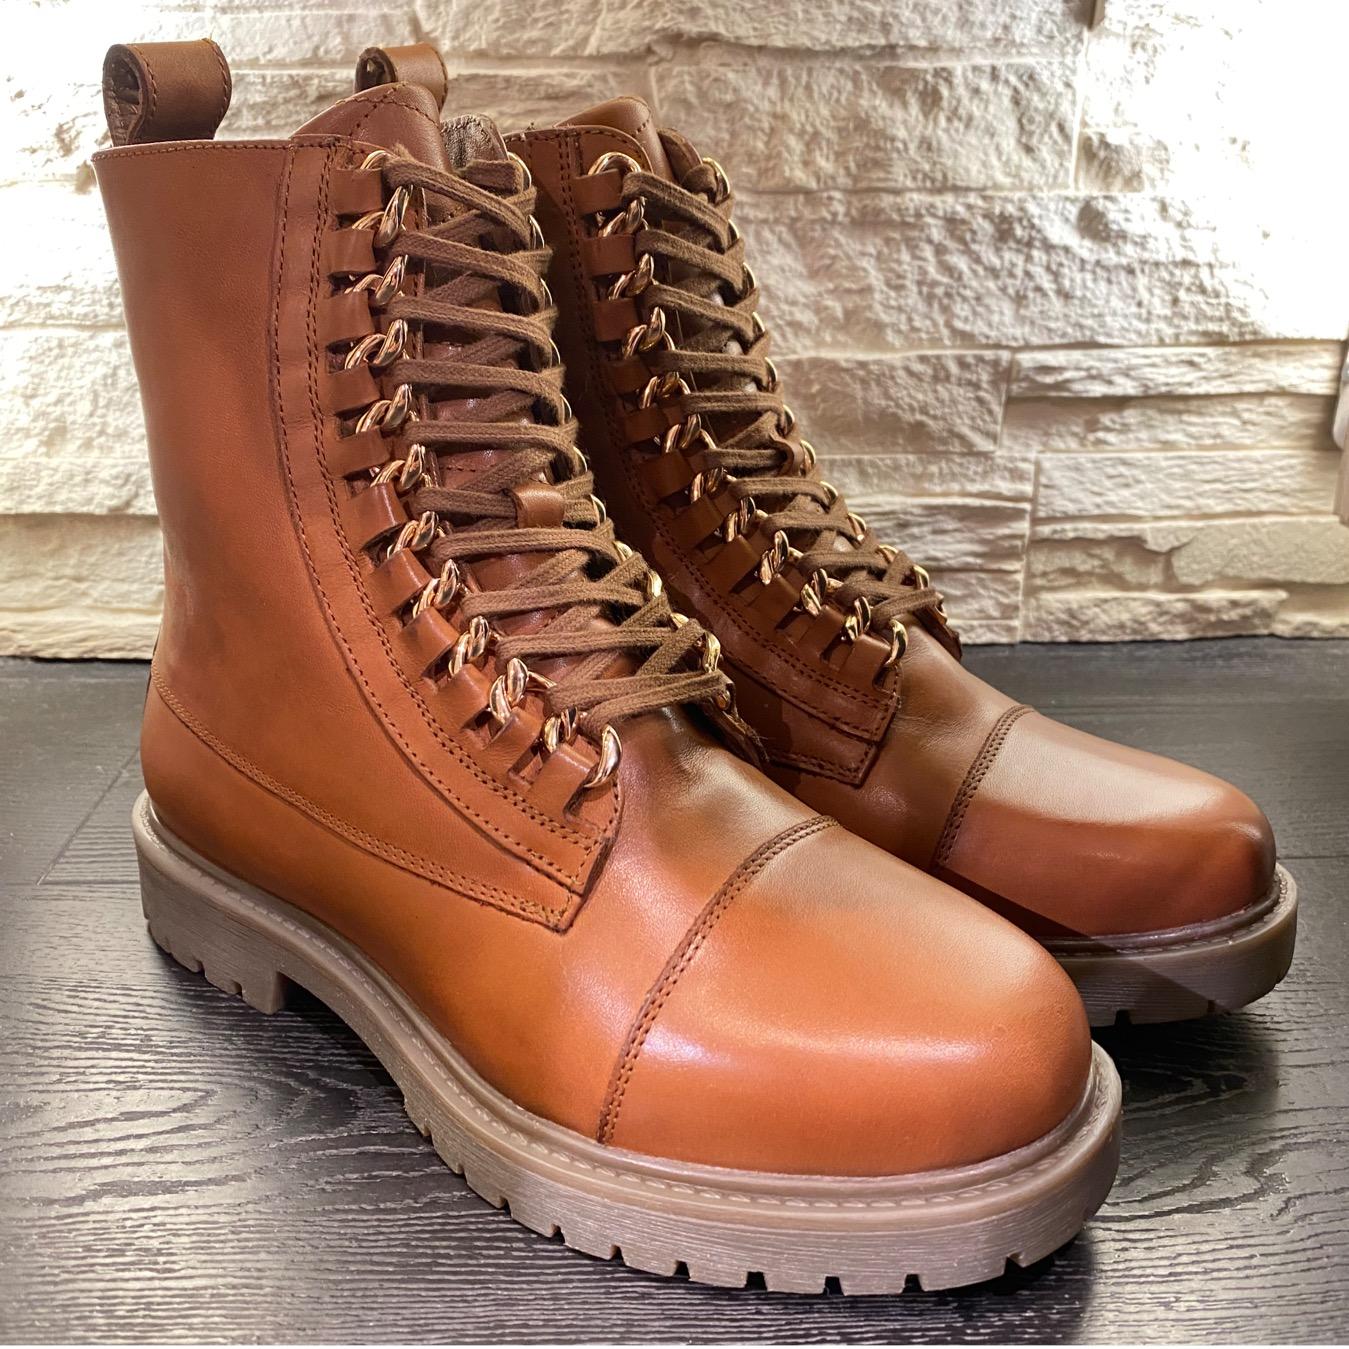 Brune Rock boots Copenhagen Shoes